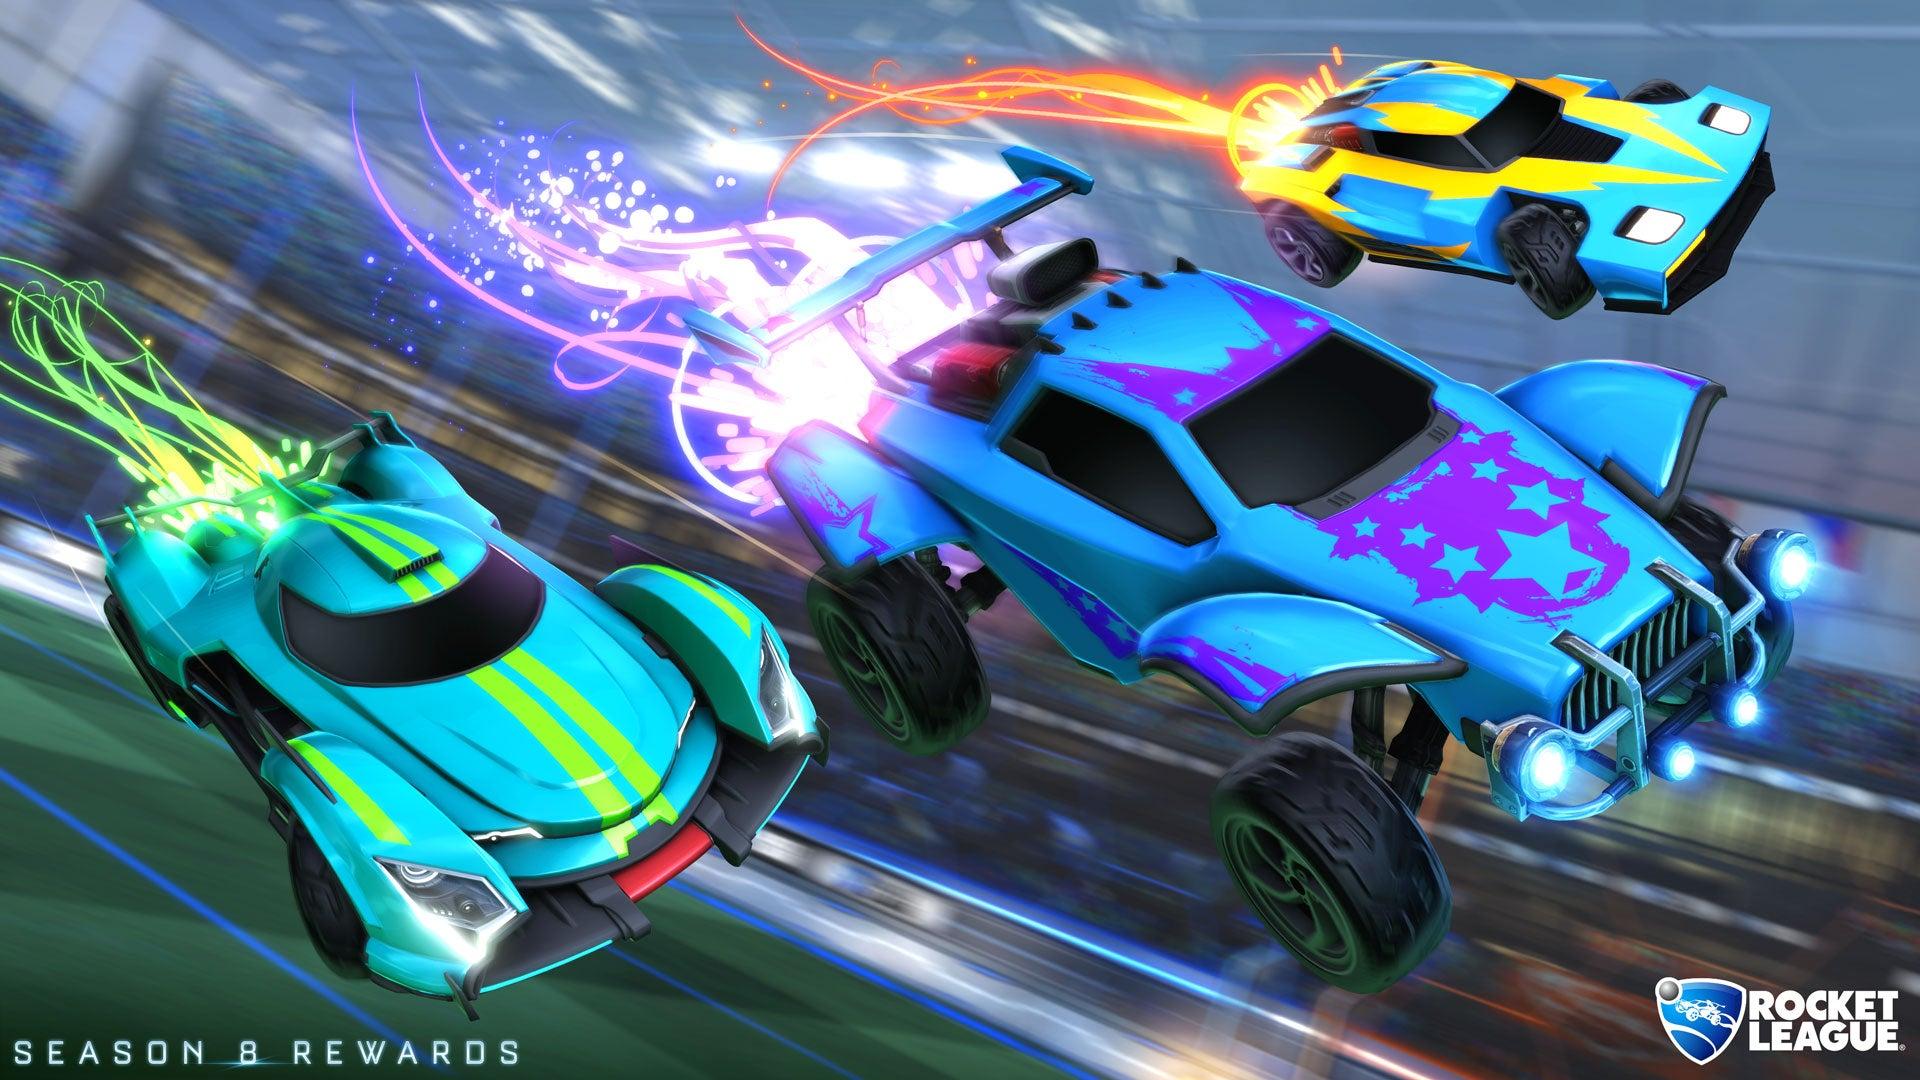 competitive season 8 rewards and season 9 details rocket league